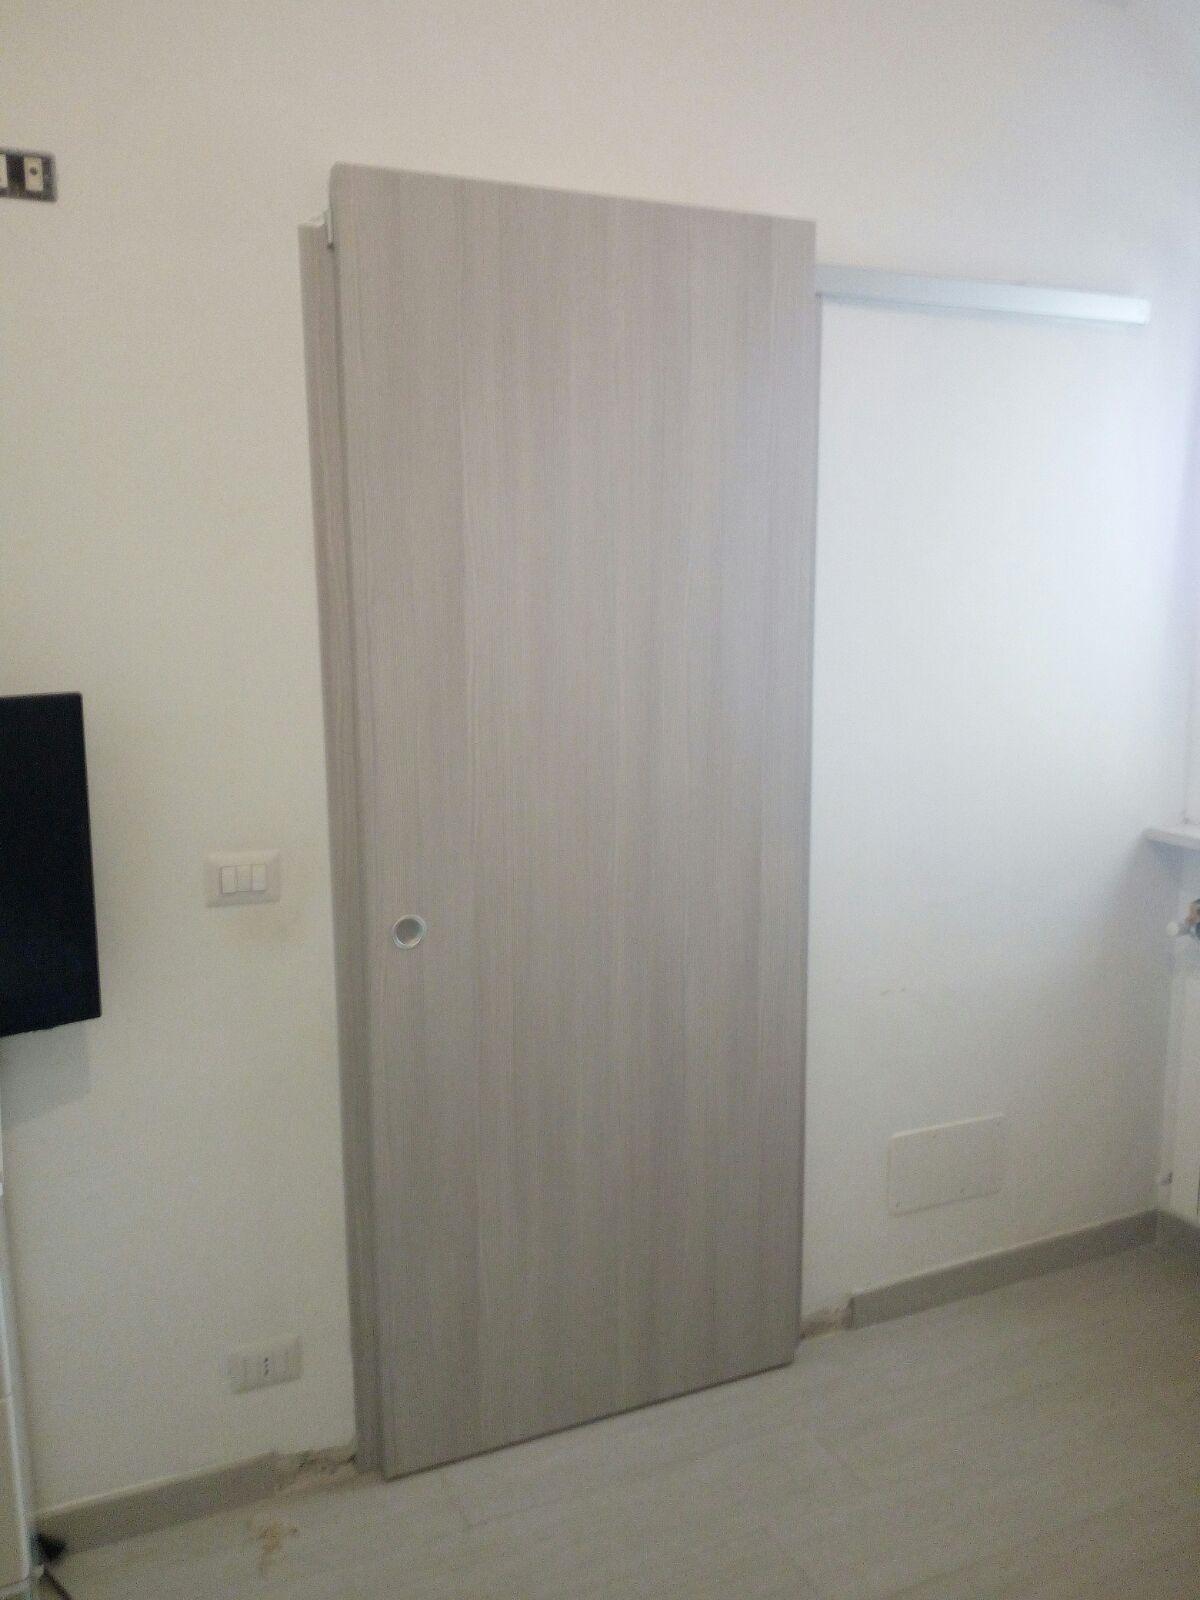 Porta scorrevole filo muro mu misura e personalizzabile - Porta scorrevole a scomparsa prezzi ...